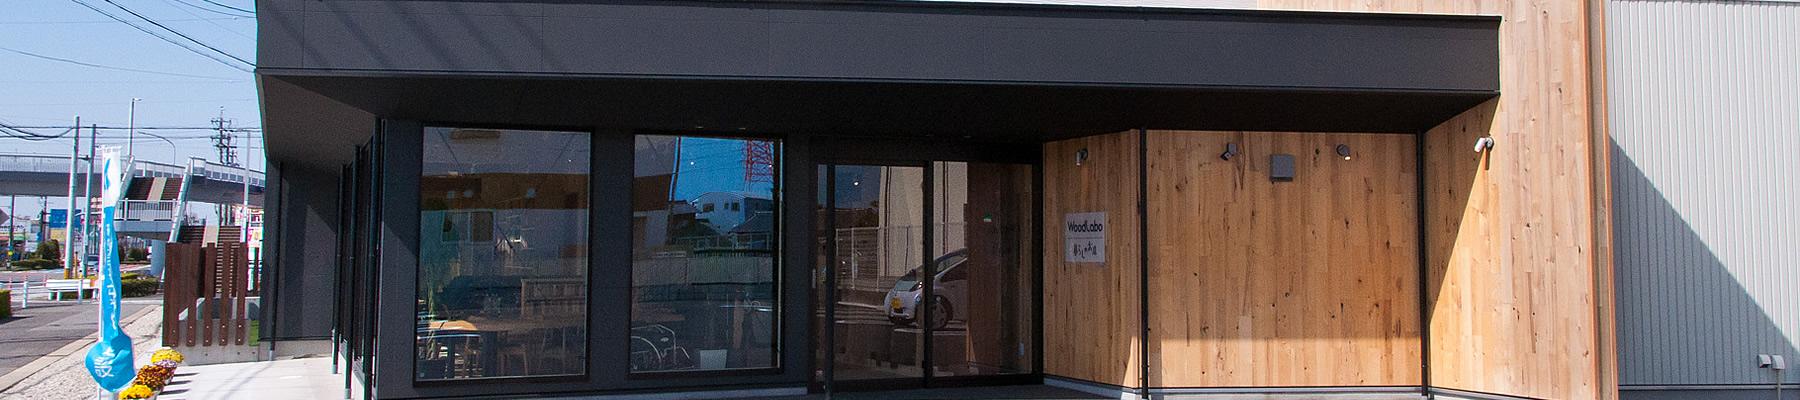 木造体感型ショールーム 安水建設 愛知県安城市を中心に三河エリアの木造注文住宅・リフォーム